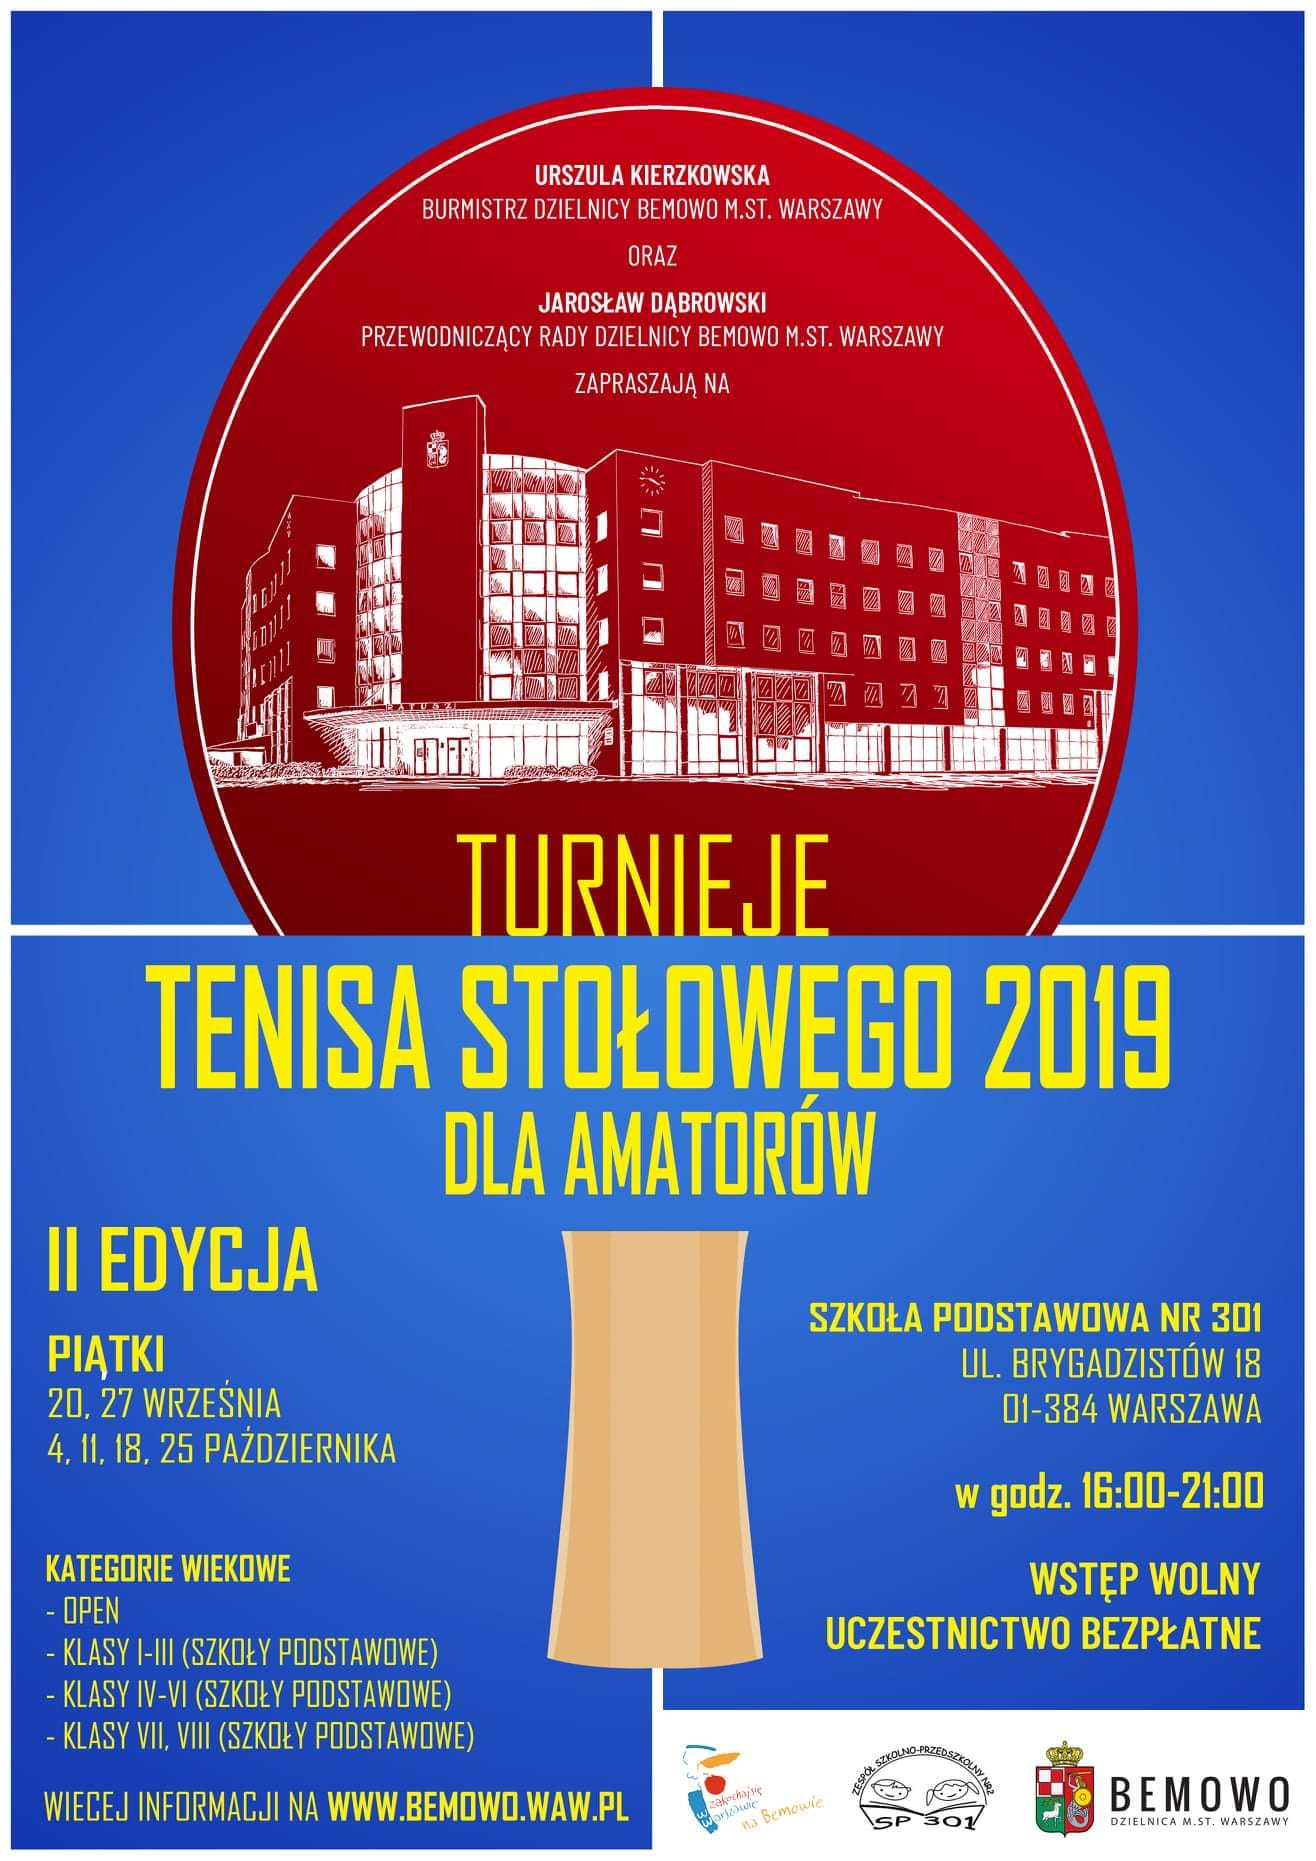 Plakat turnieju Turnieje tenisa stołowego Bemowo - Brygadzistów (18 października 2019) - II EDYCJA